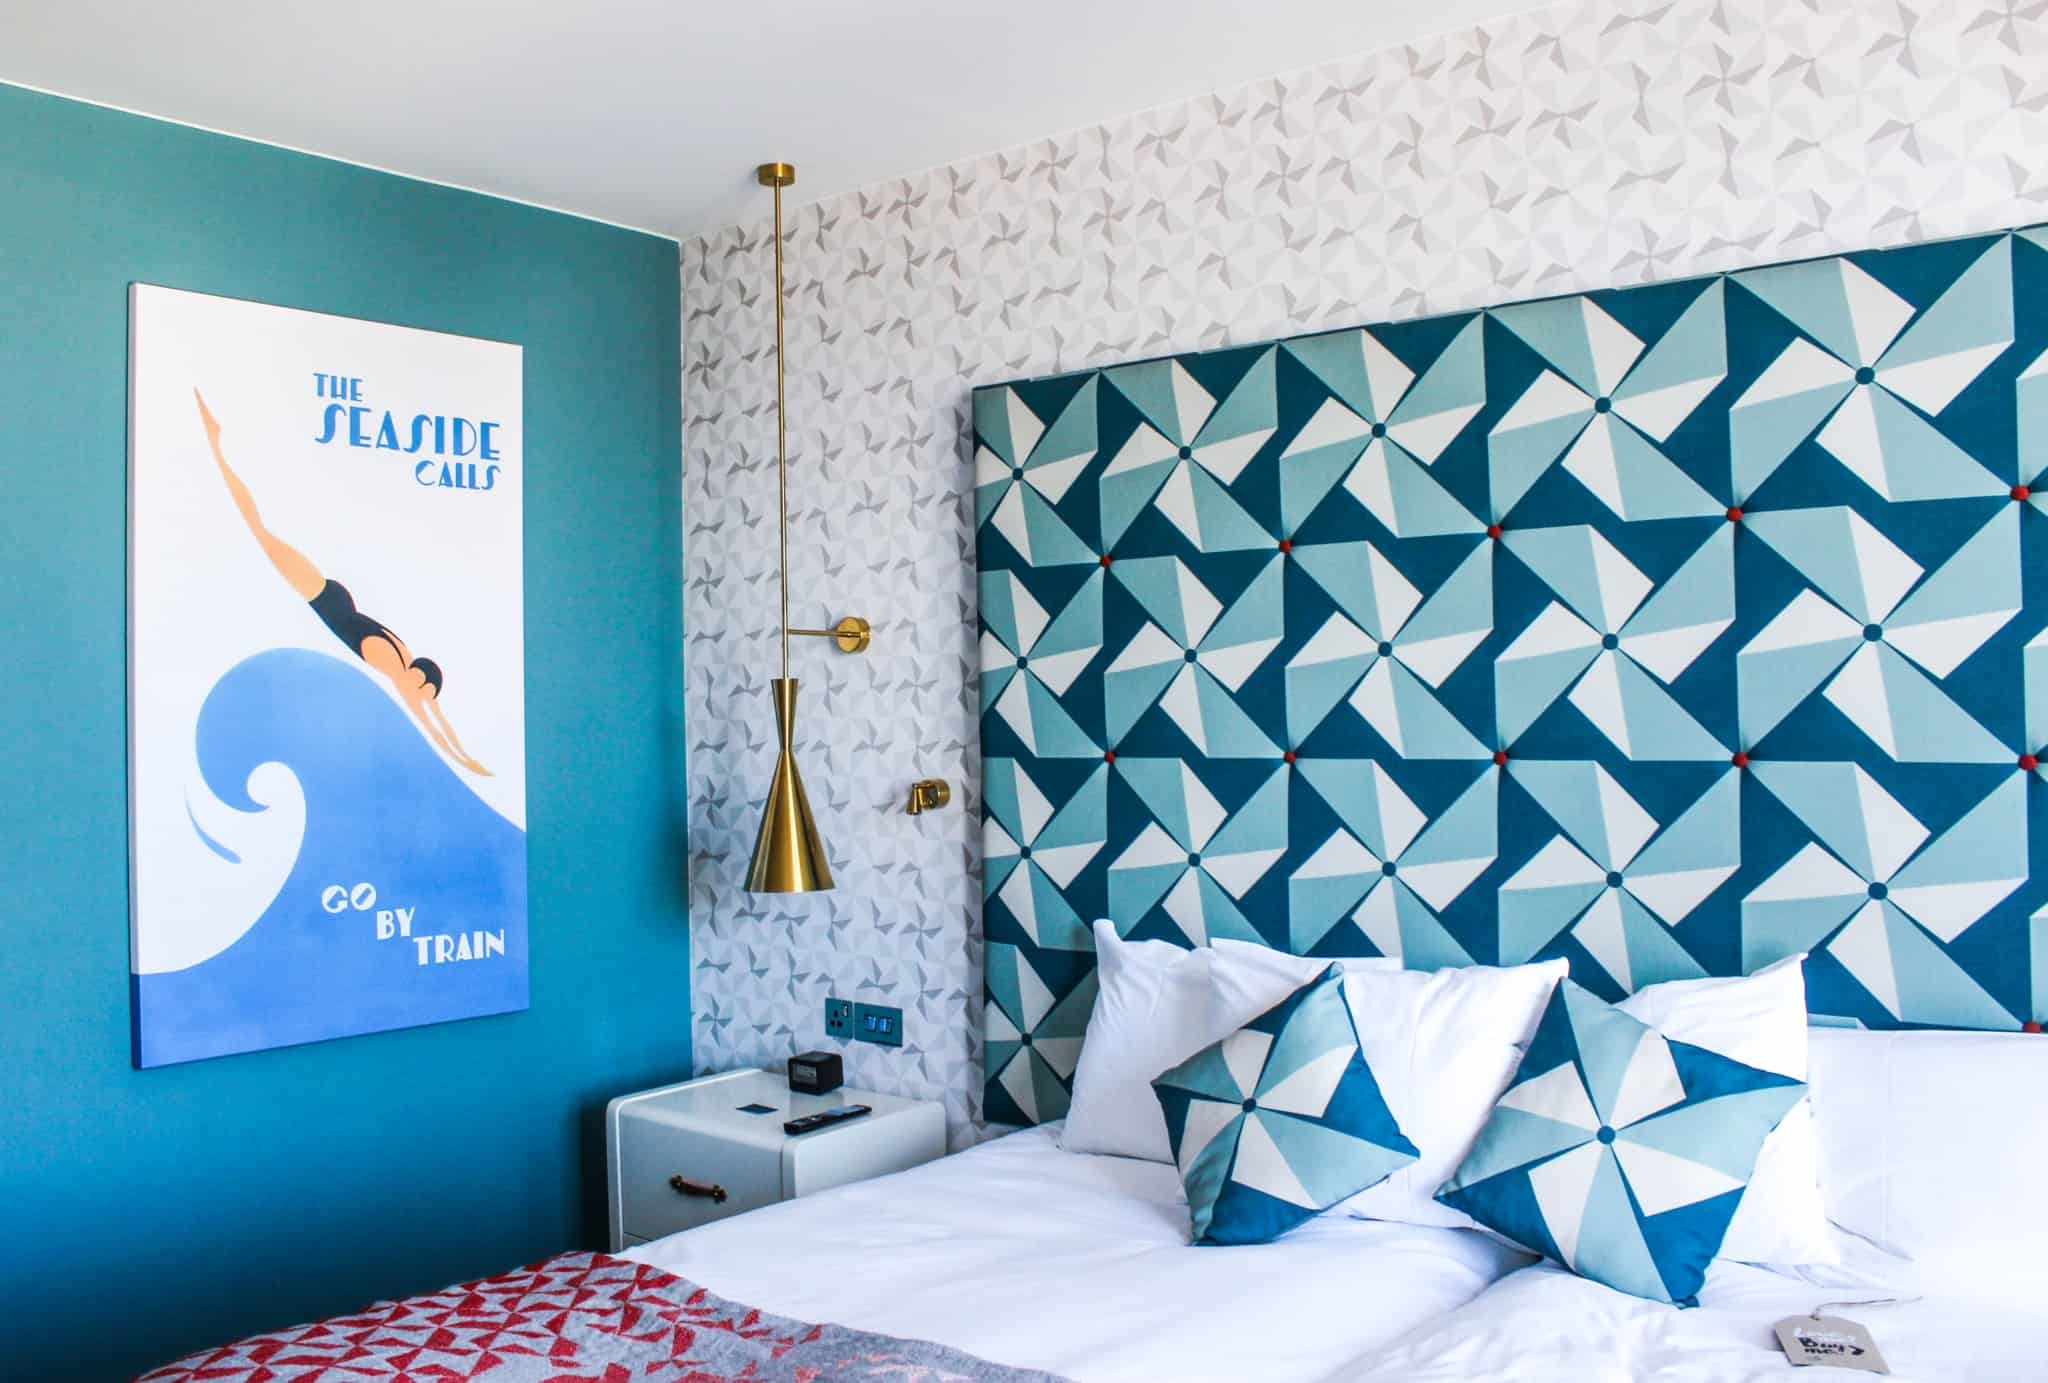 quarto de hotel em tons de azul